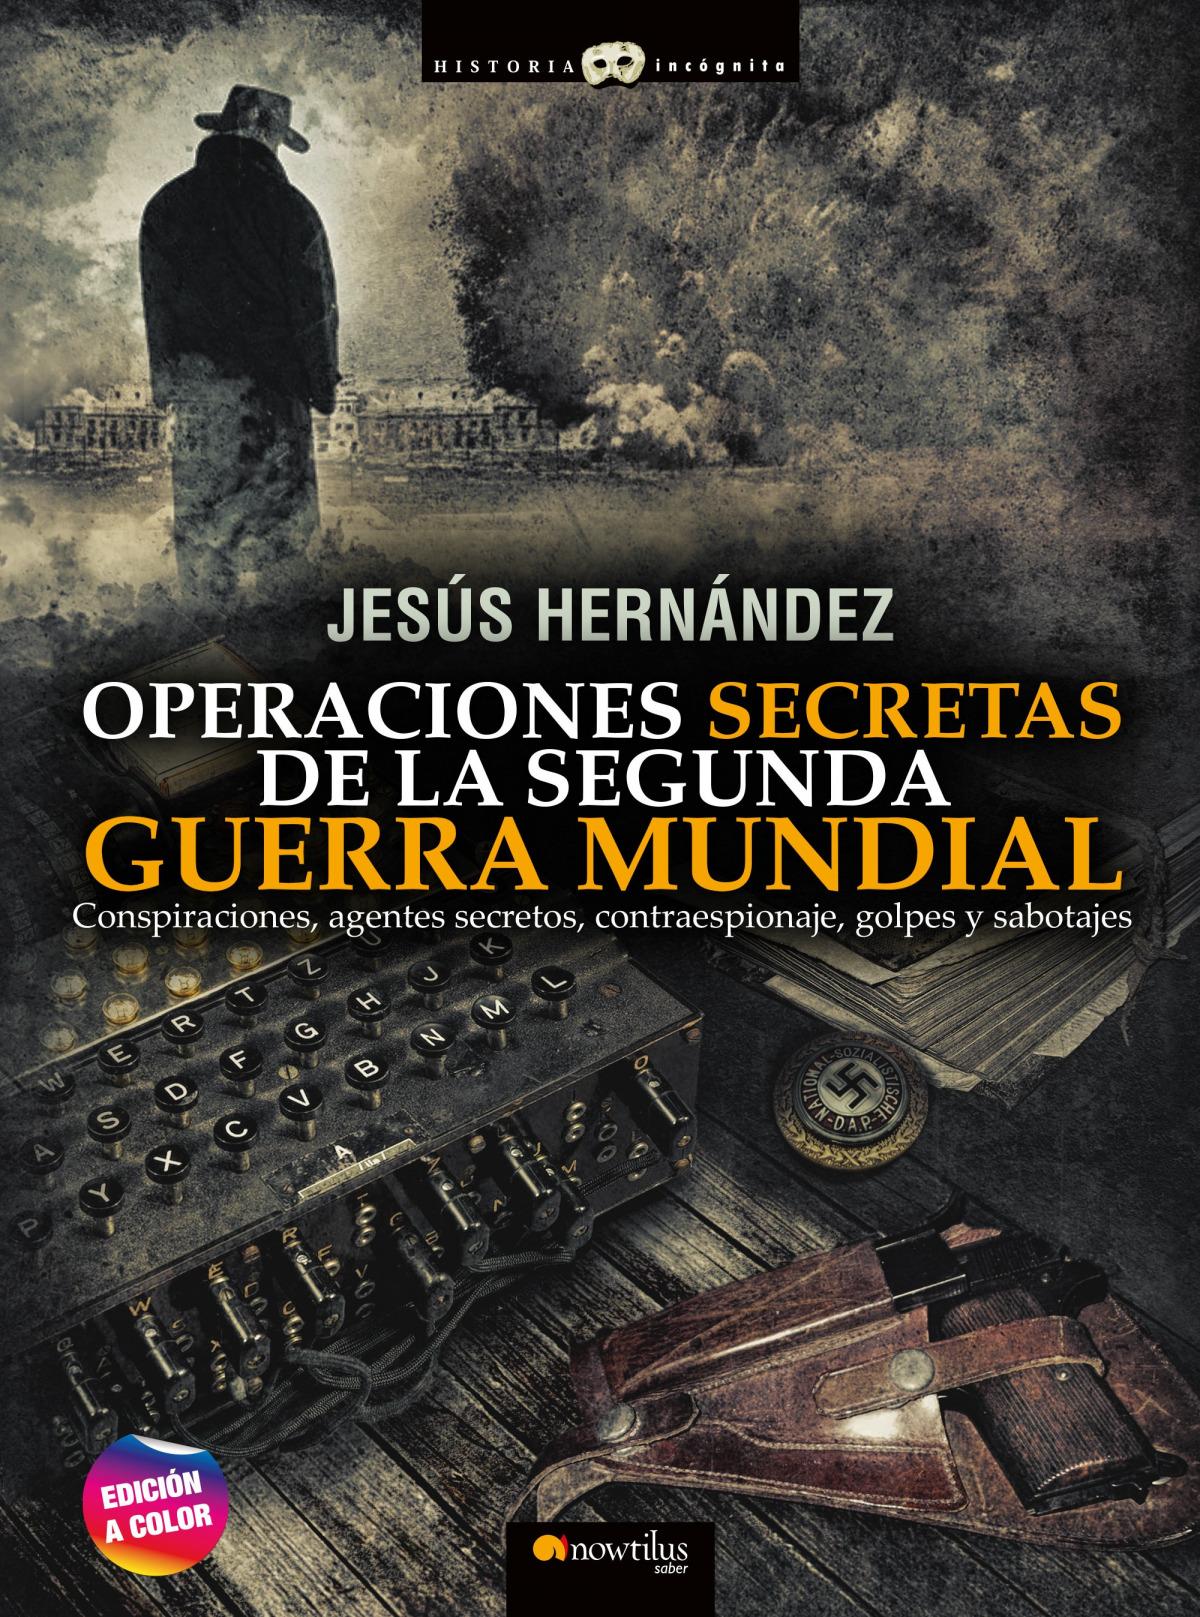 Operaciones secretas de la Segunda Guerra Mundial 9788413051581